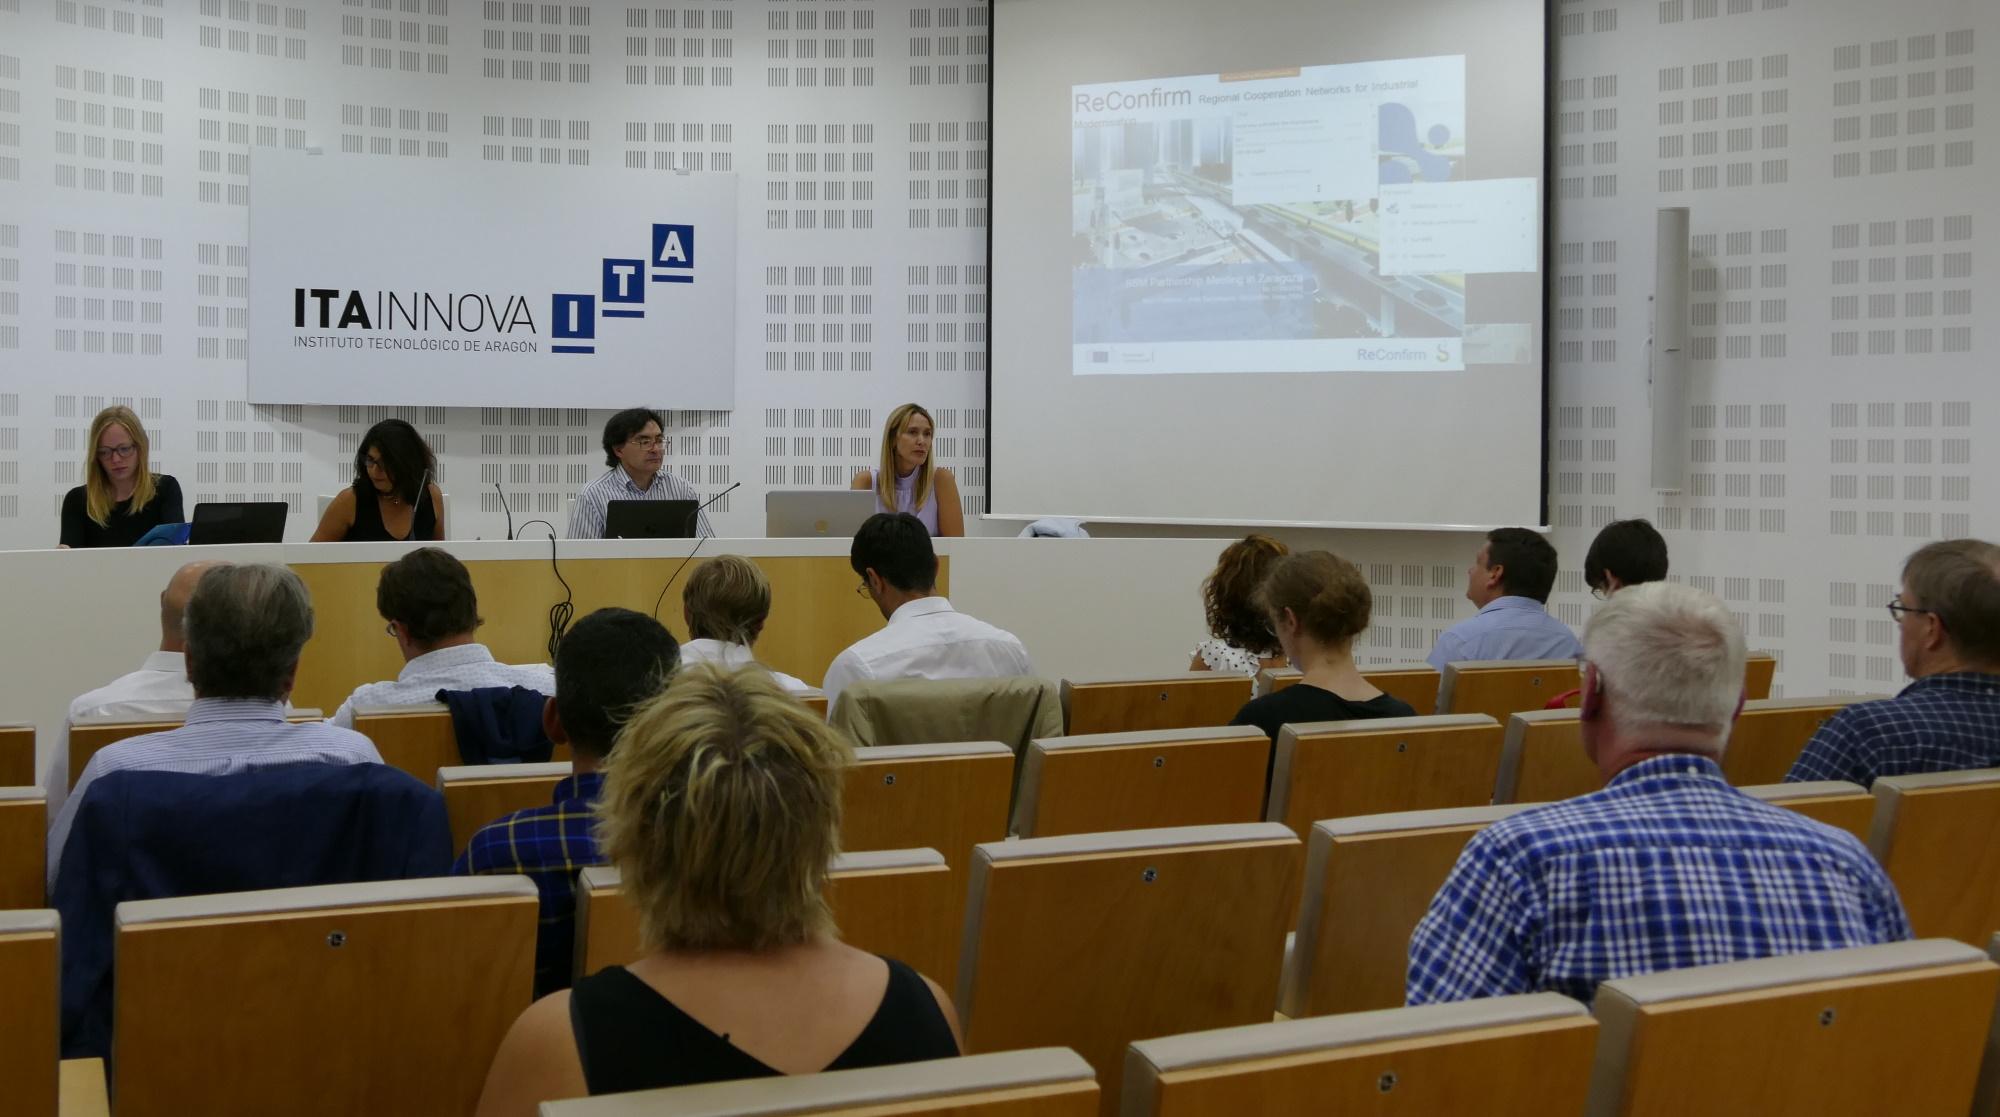 ITAINNOVA acoge la reunión plenaria de la Plataforma Interregional Europea de Movilidad Sostenible y Segura